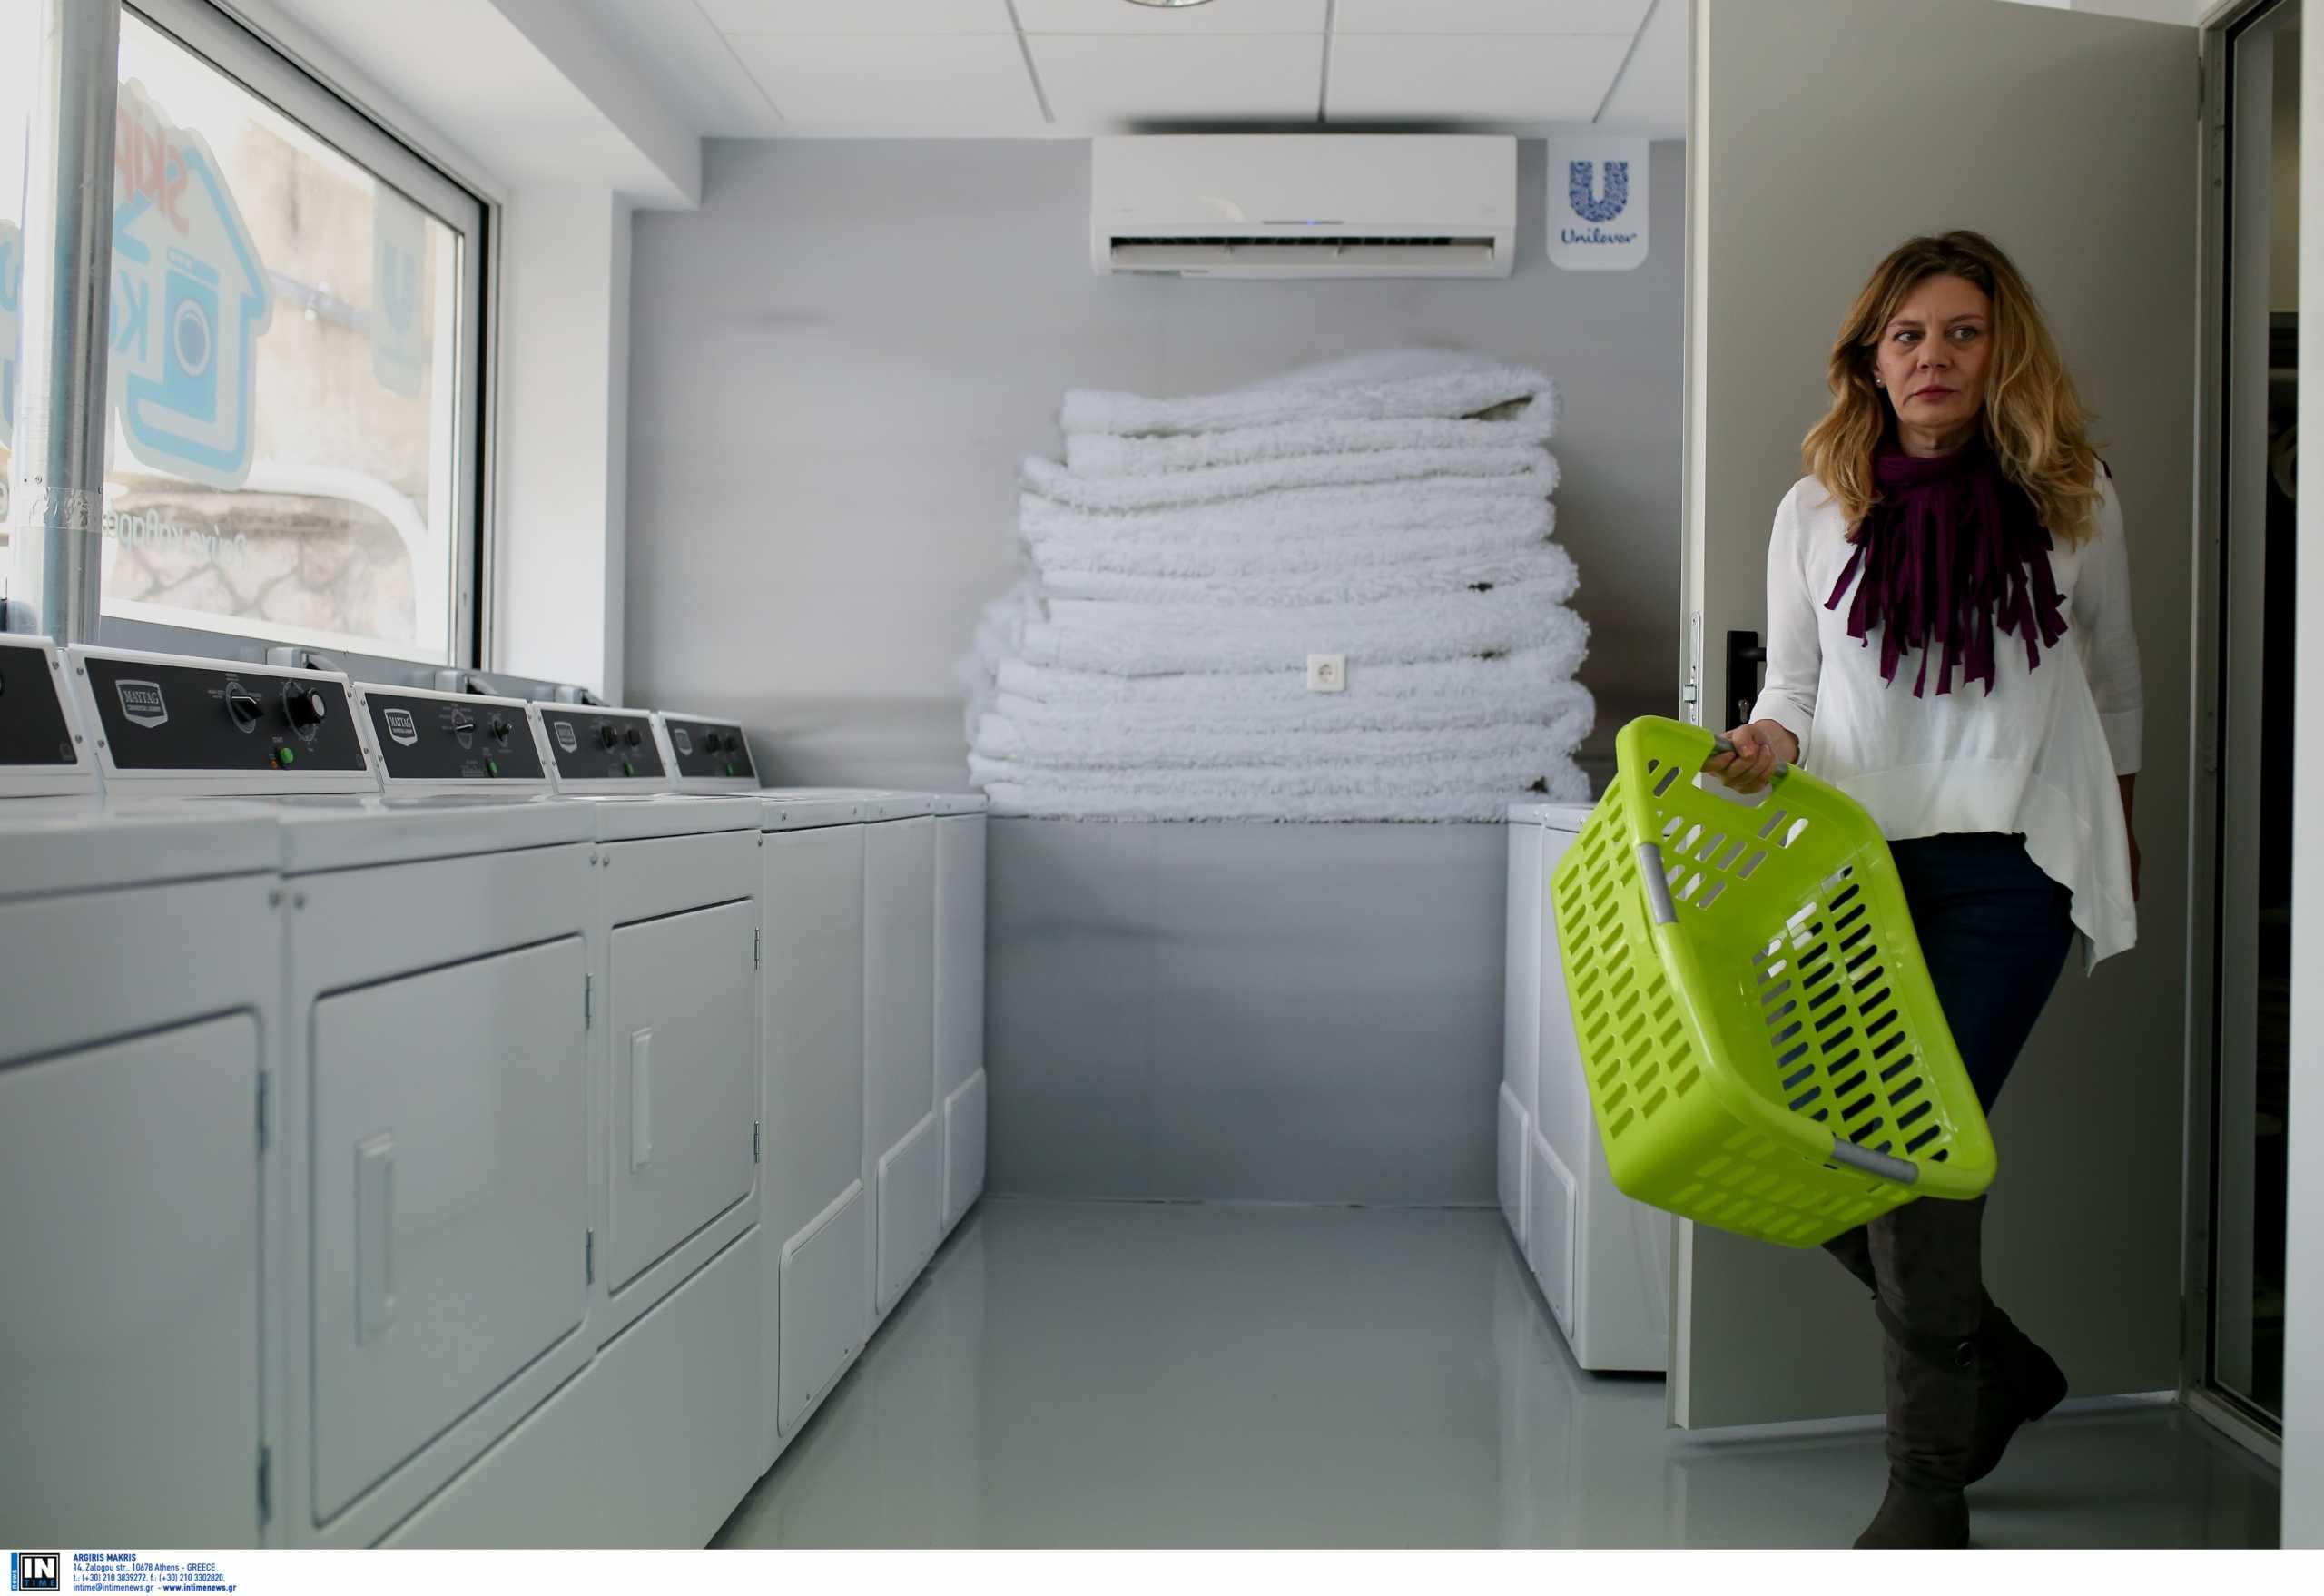 Έρχονται πλυντήρια με… νοημοσύνη – Τι θα αλλάξει στις ετικέτες των οικιακών συσκευών